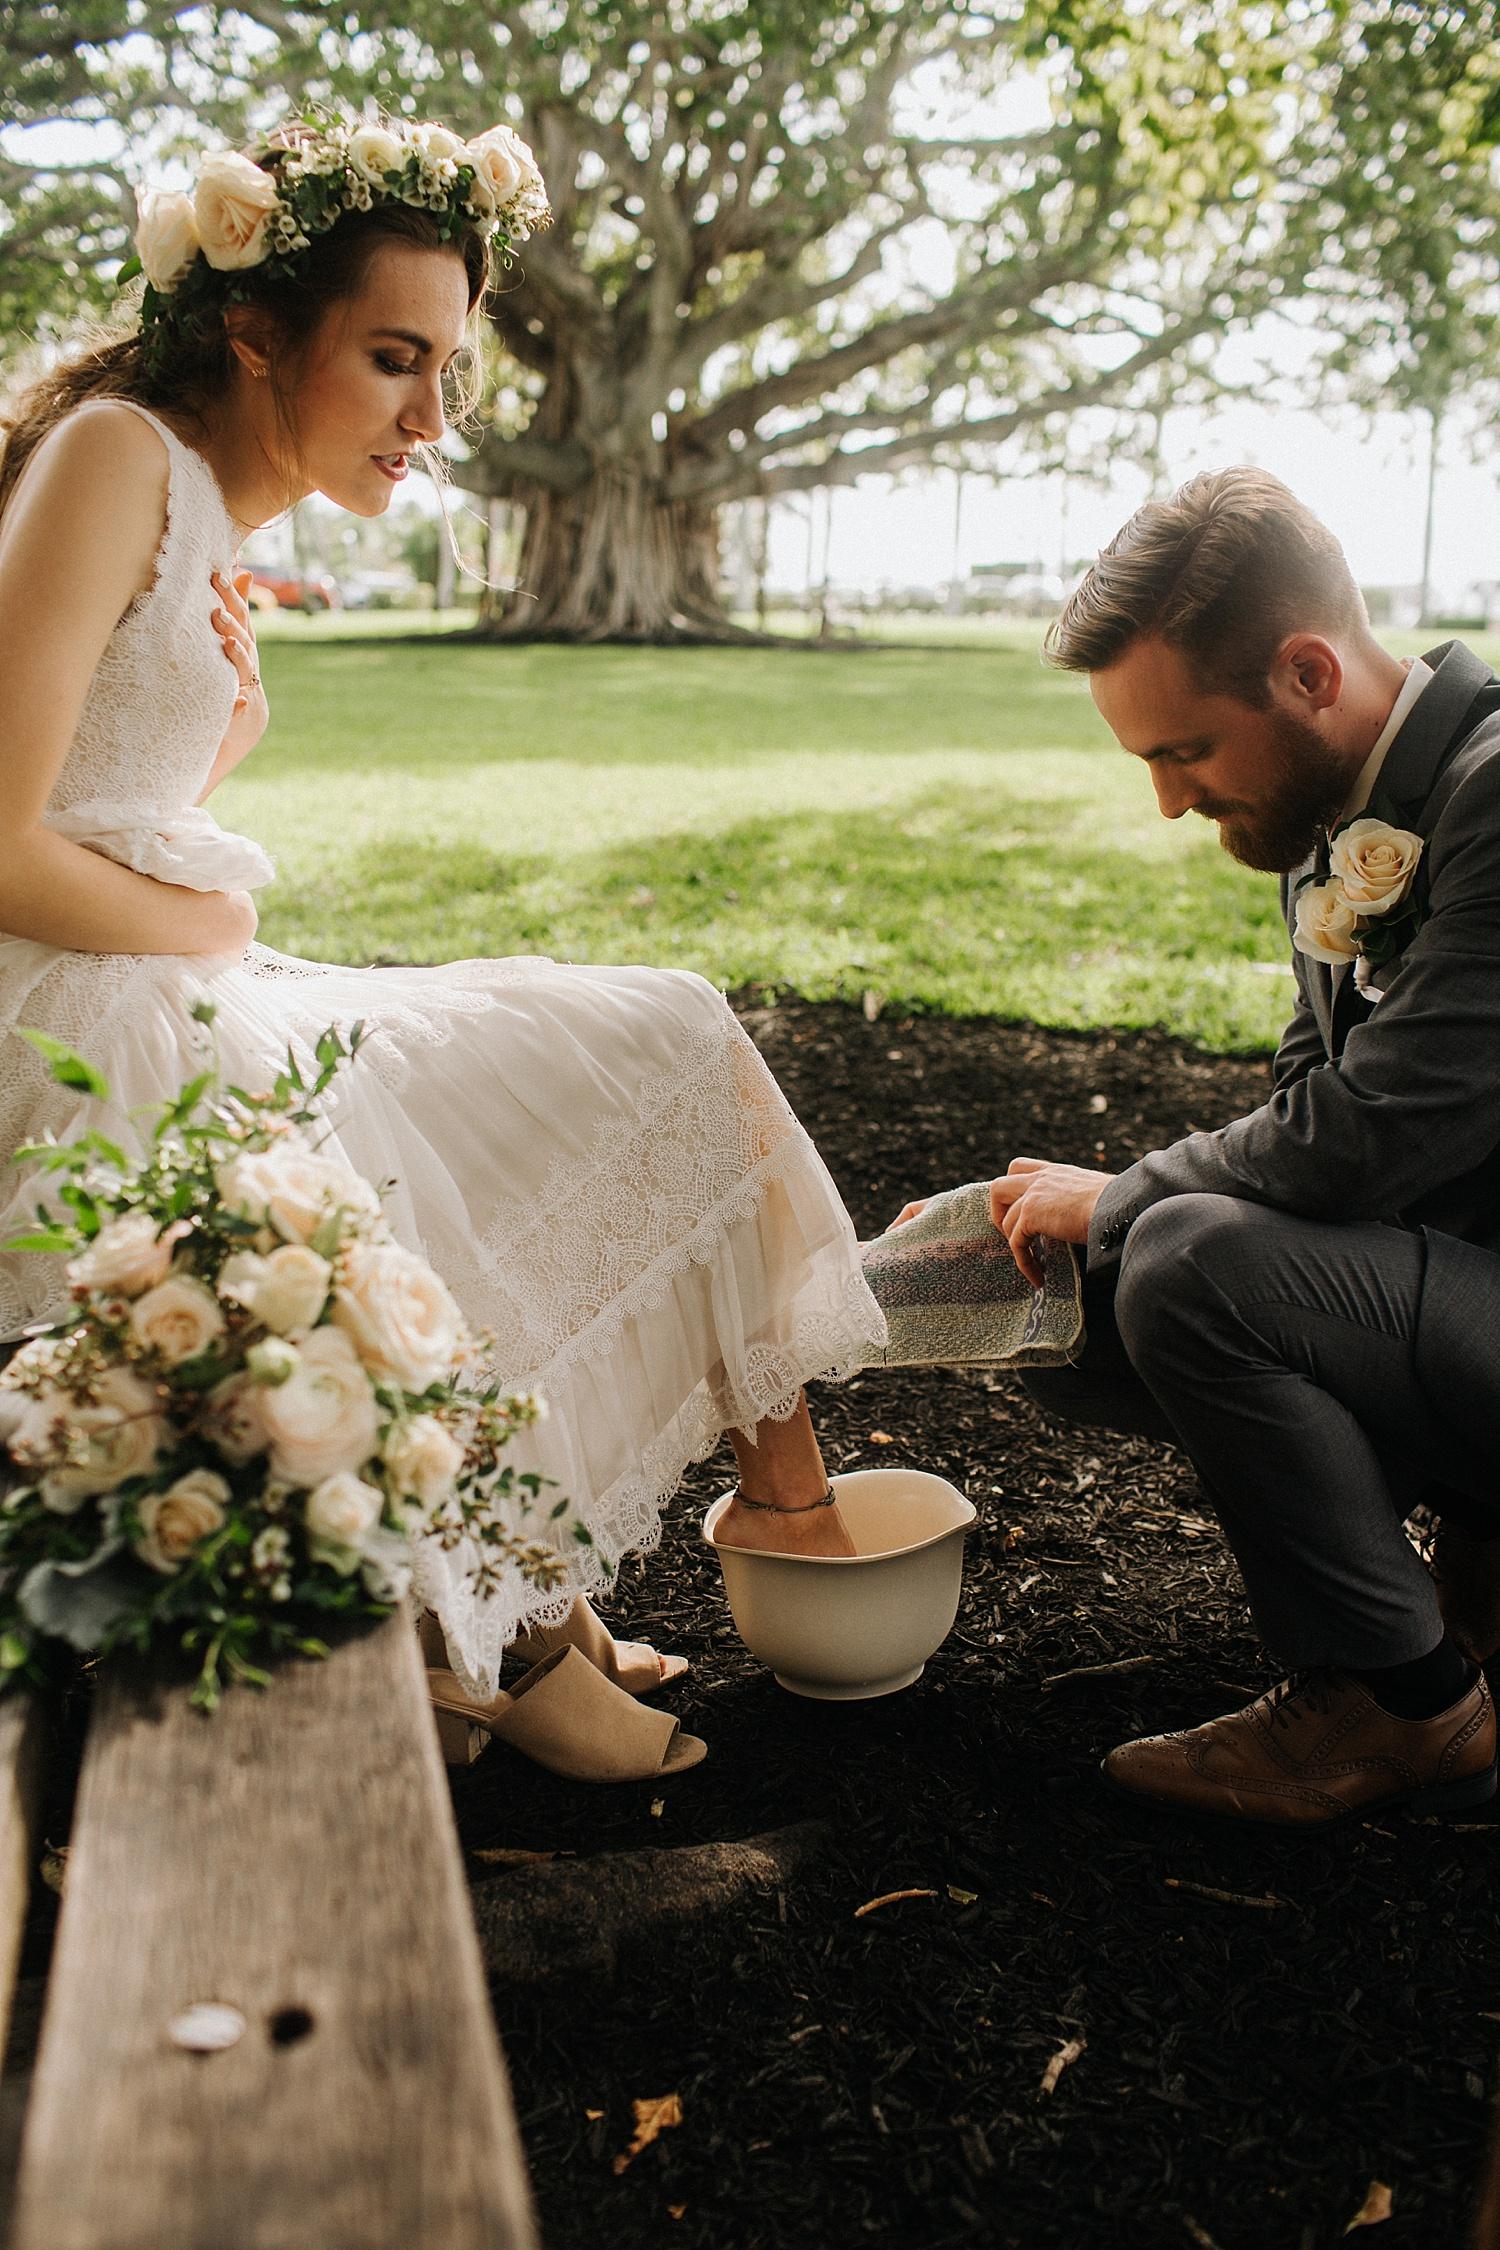 Peter + Kareena Rineer Downtown West Palm Beach December Wedding 2018_0024.jpg